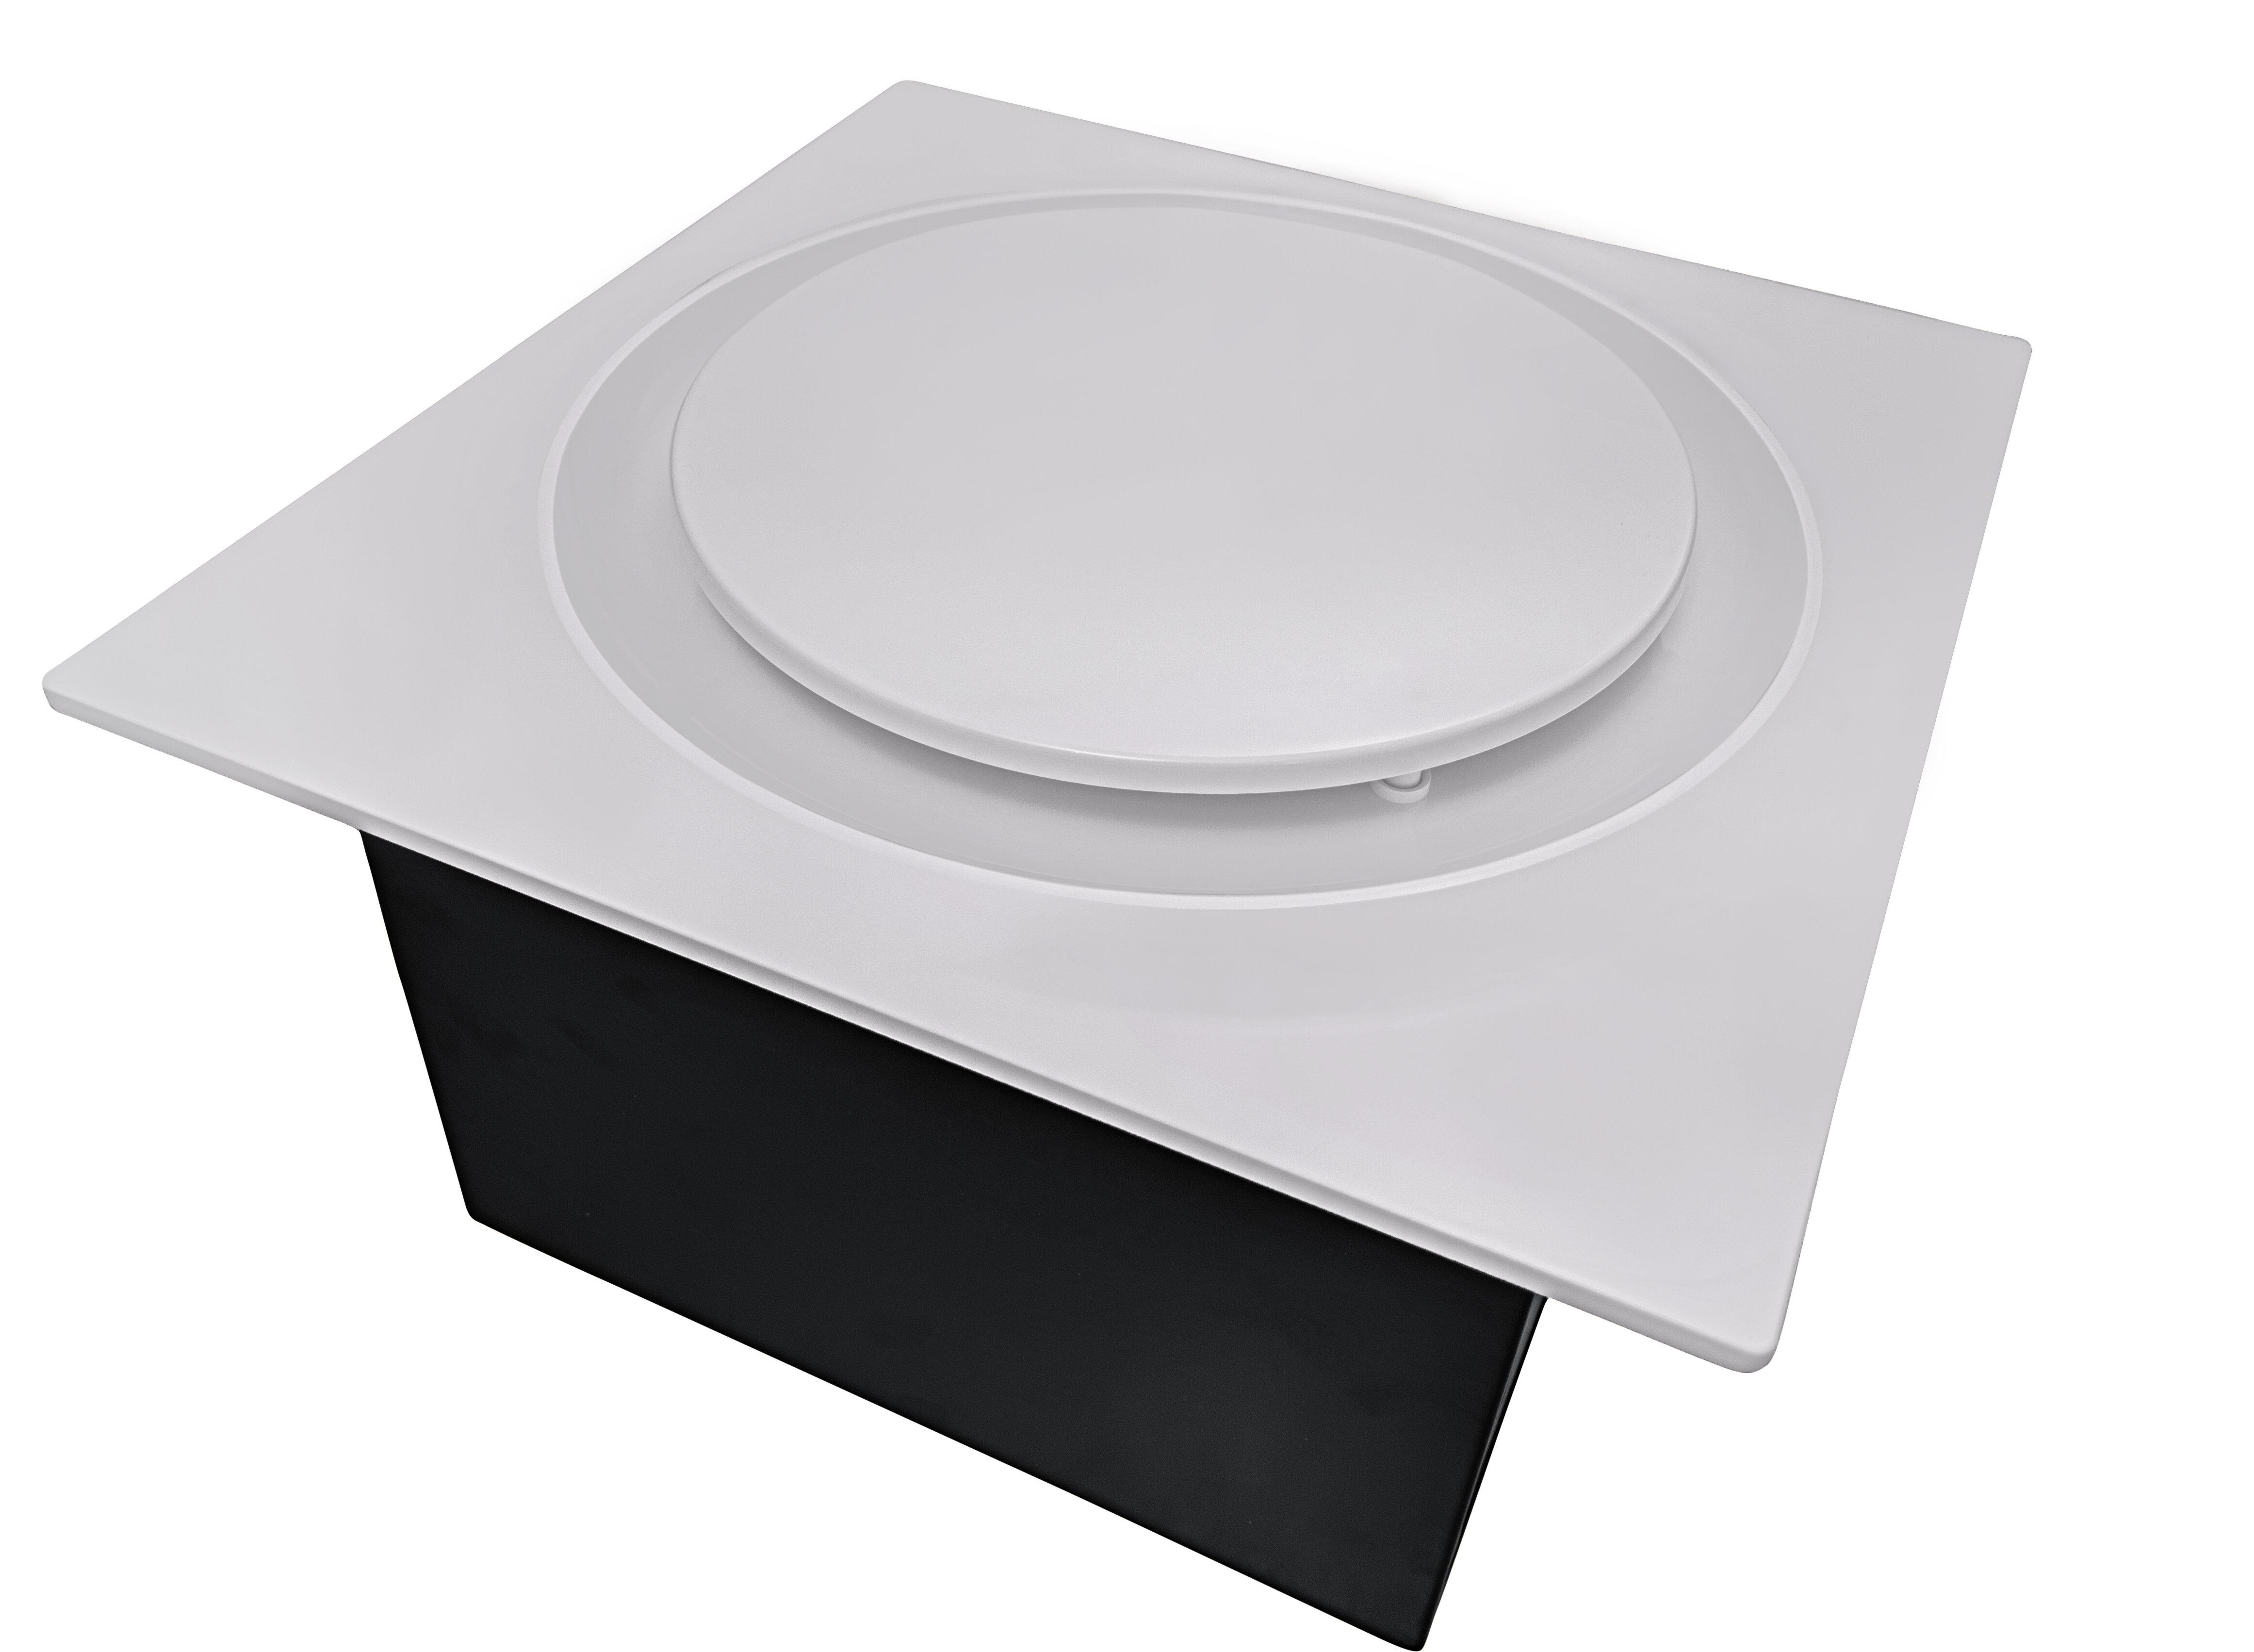 ABF110DH G6 W 110 CFM Energy Star Bathroom Fan With Humidity Sensor